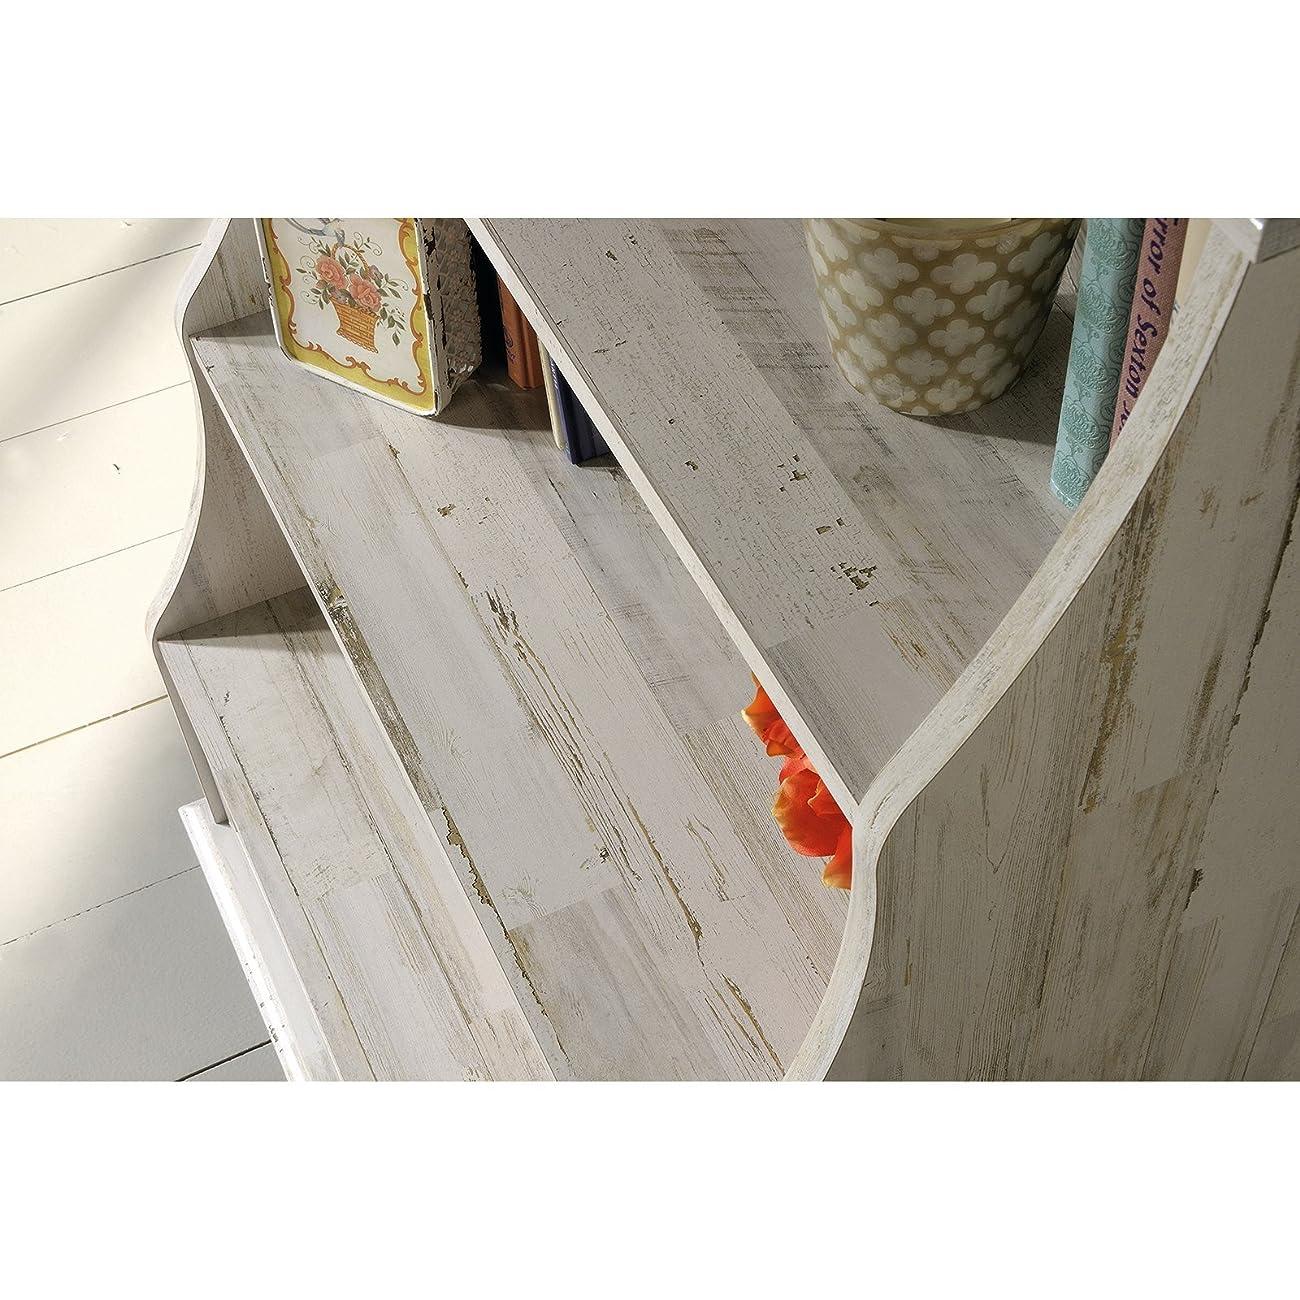 Sauder Eden Rue Accent Bookcase 3